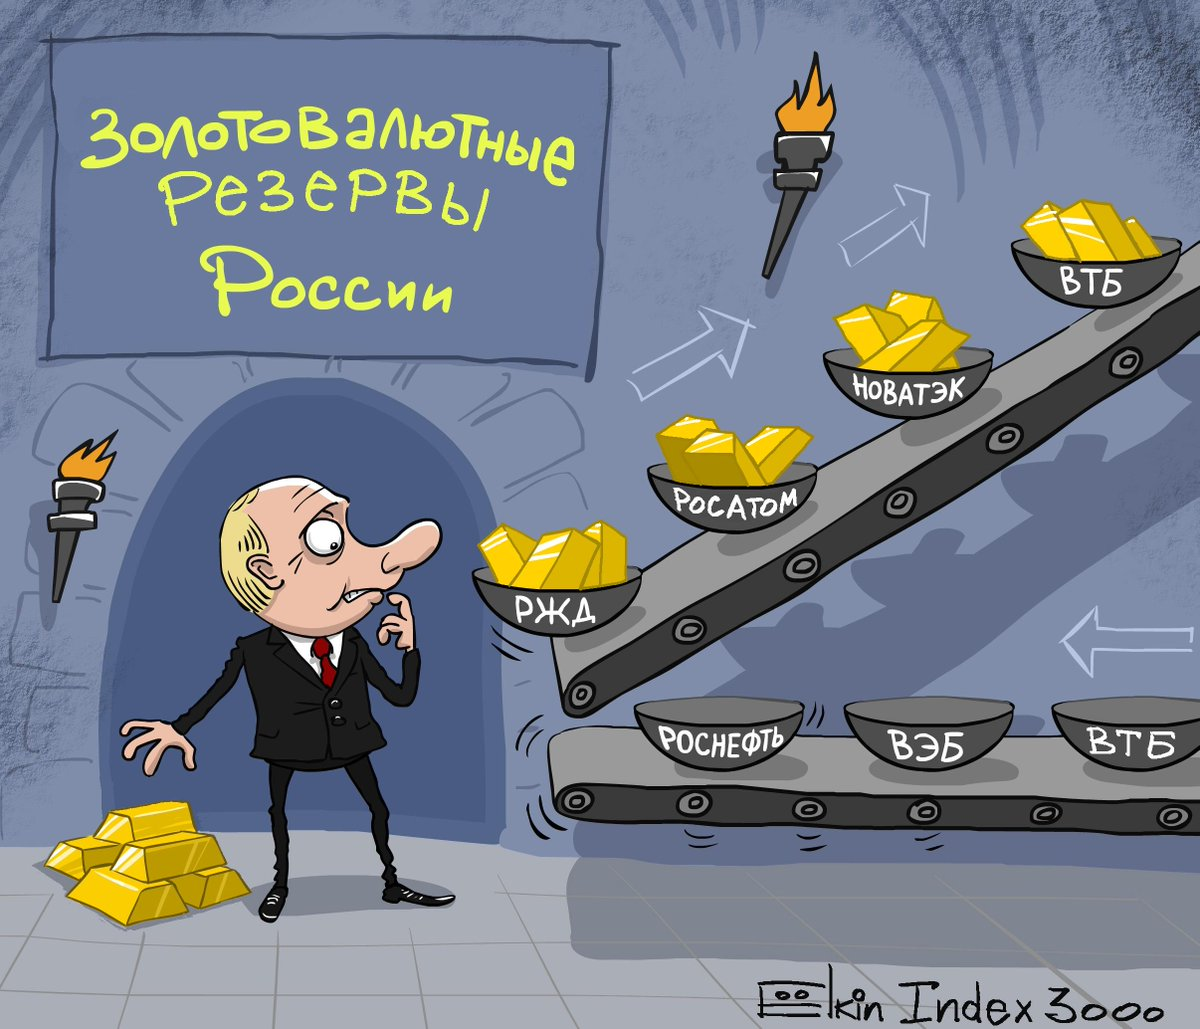 Путин, Меркель и Олланд обсудили конфликт на Донбассе. Отмечена важность создания демилитаризированных зон на линии соприкосновения, - пресс-служба Кремля - Цензор.НЕТ 9116